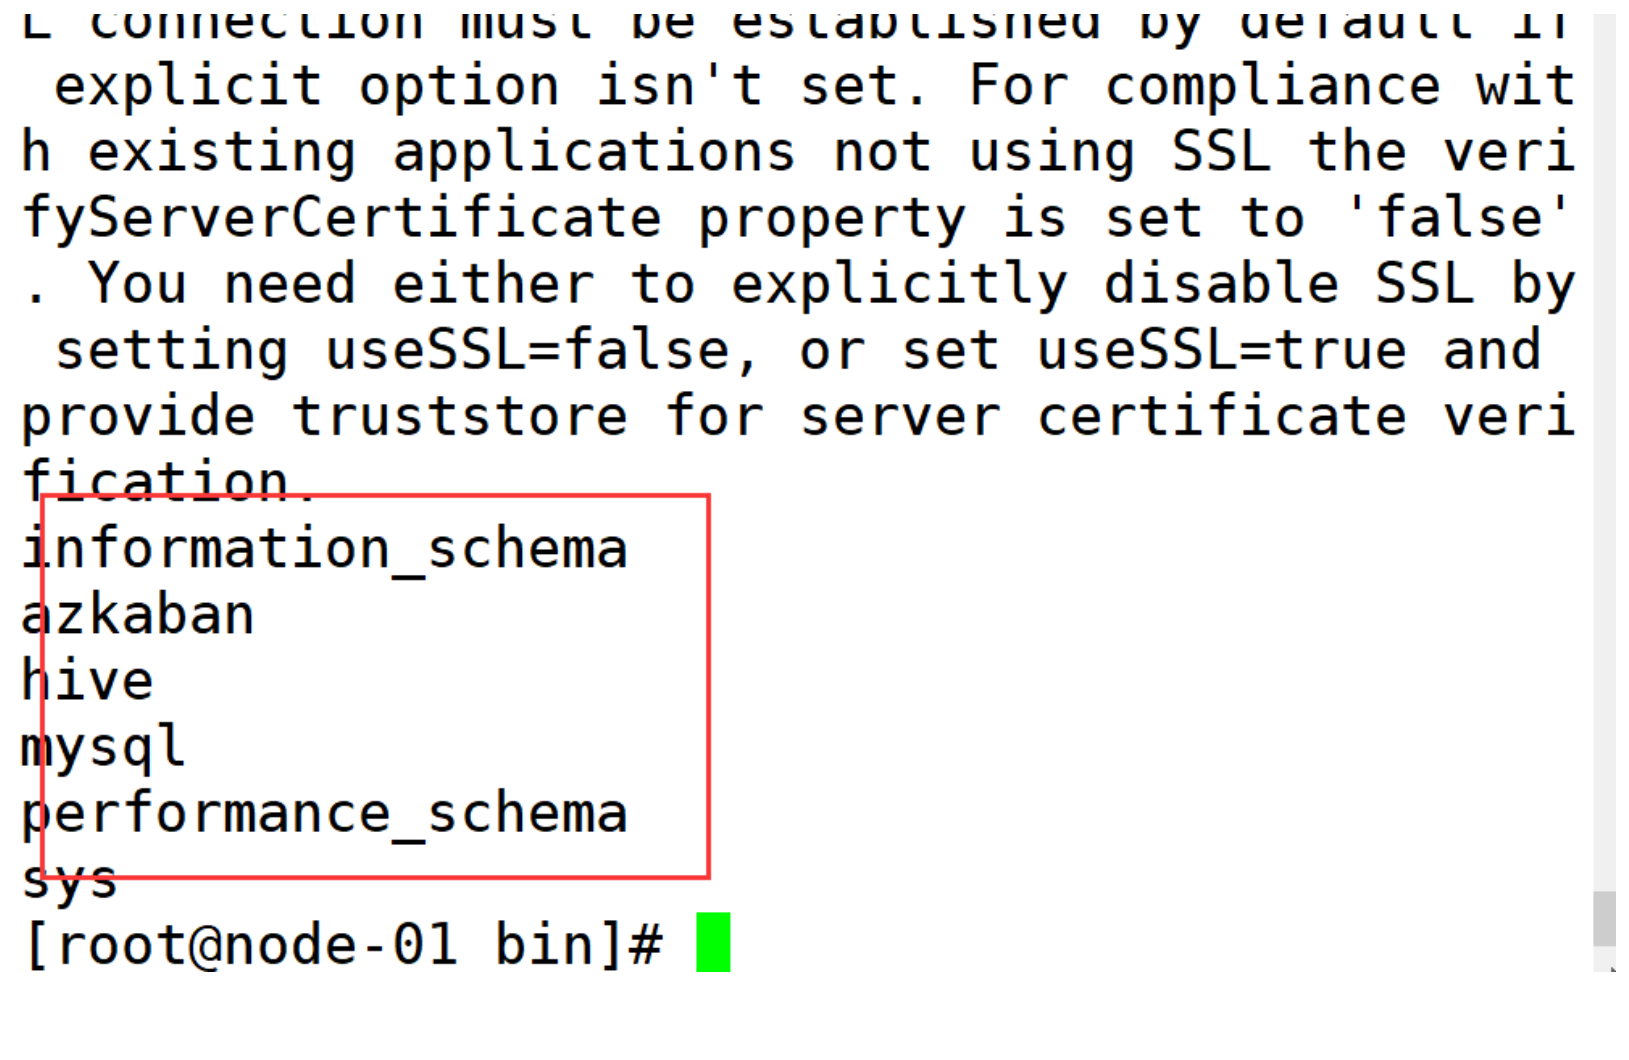 [外链图片转存失败,源站可能有防盗链机制,建议将图片保存下来直接上传(img-DgKqMGUD-1603676112541)(hadoop.assets/image-20201025192730235.png)]